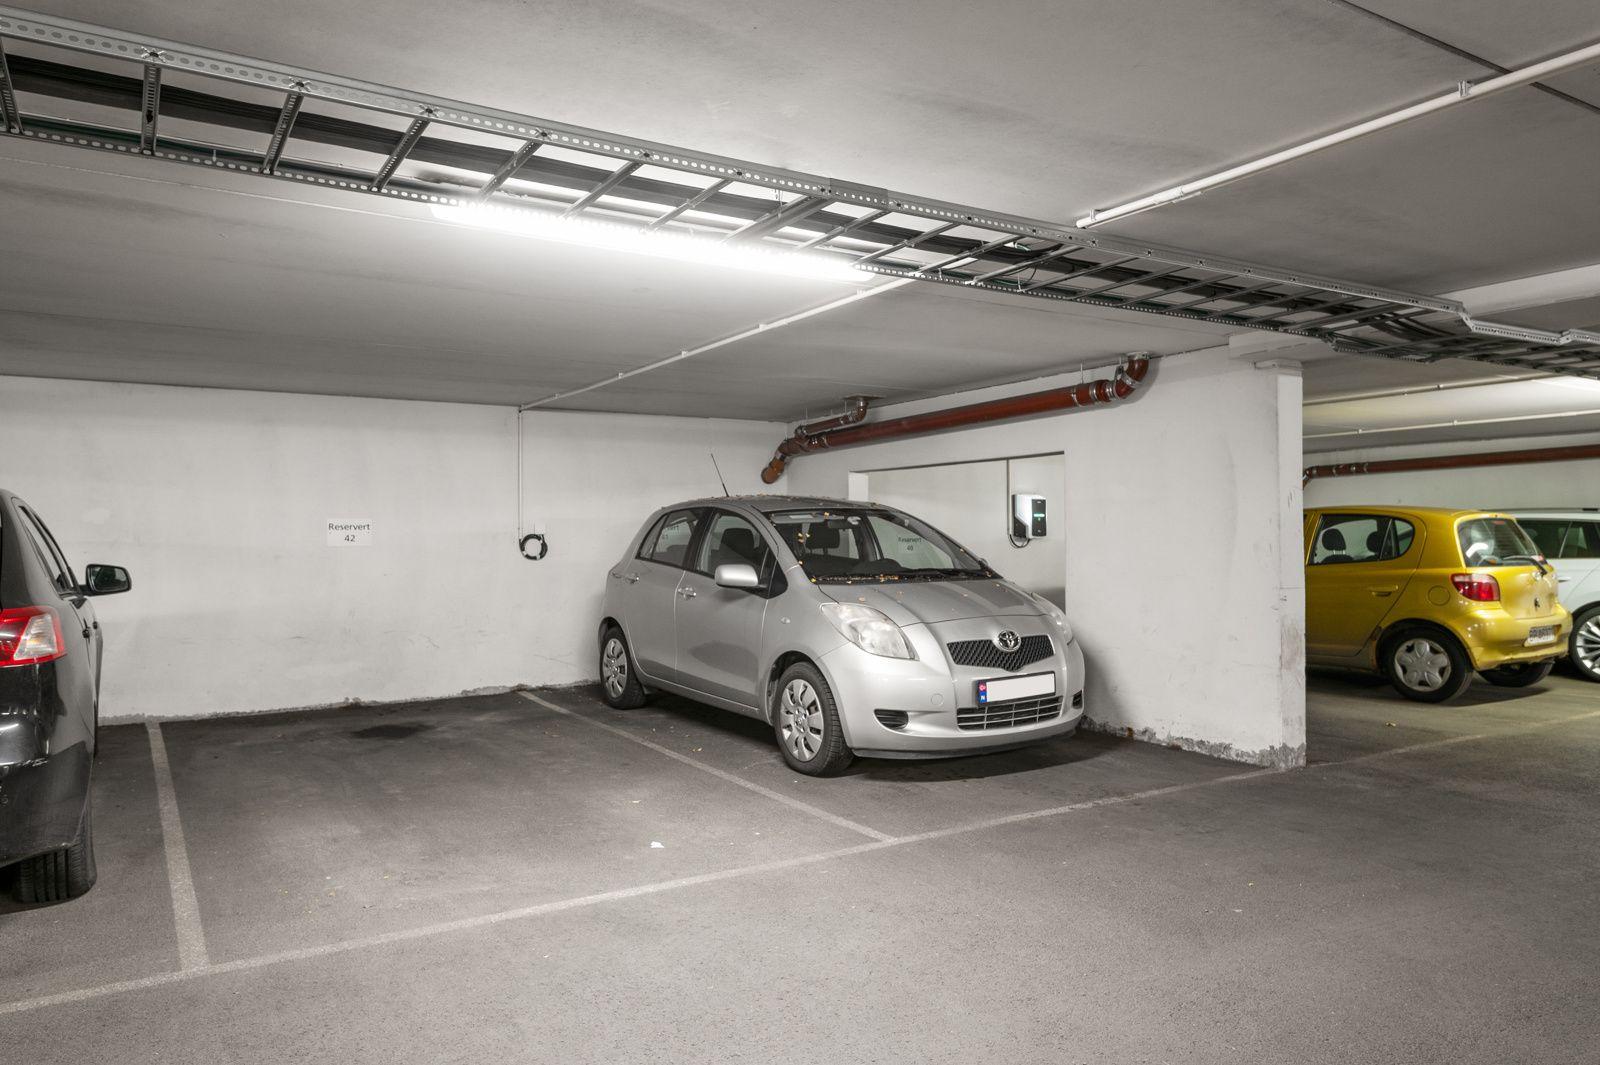 Bergensgata 36 G I tillegg disponerer leiligheten en garasjeplass med opplegg for elbil-lader, samt en kjellerbod på ca. 5,4m². Heisadkomst.